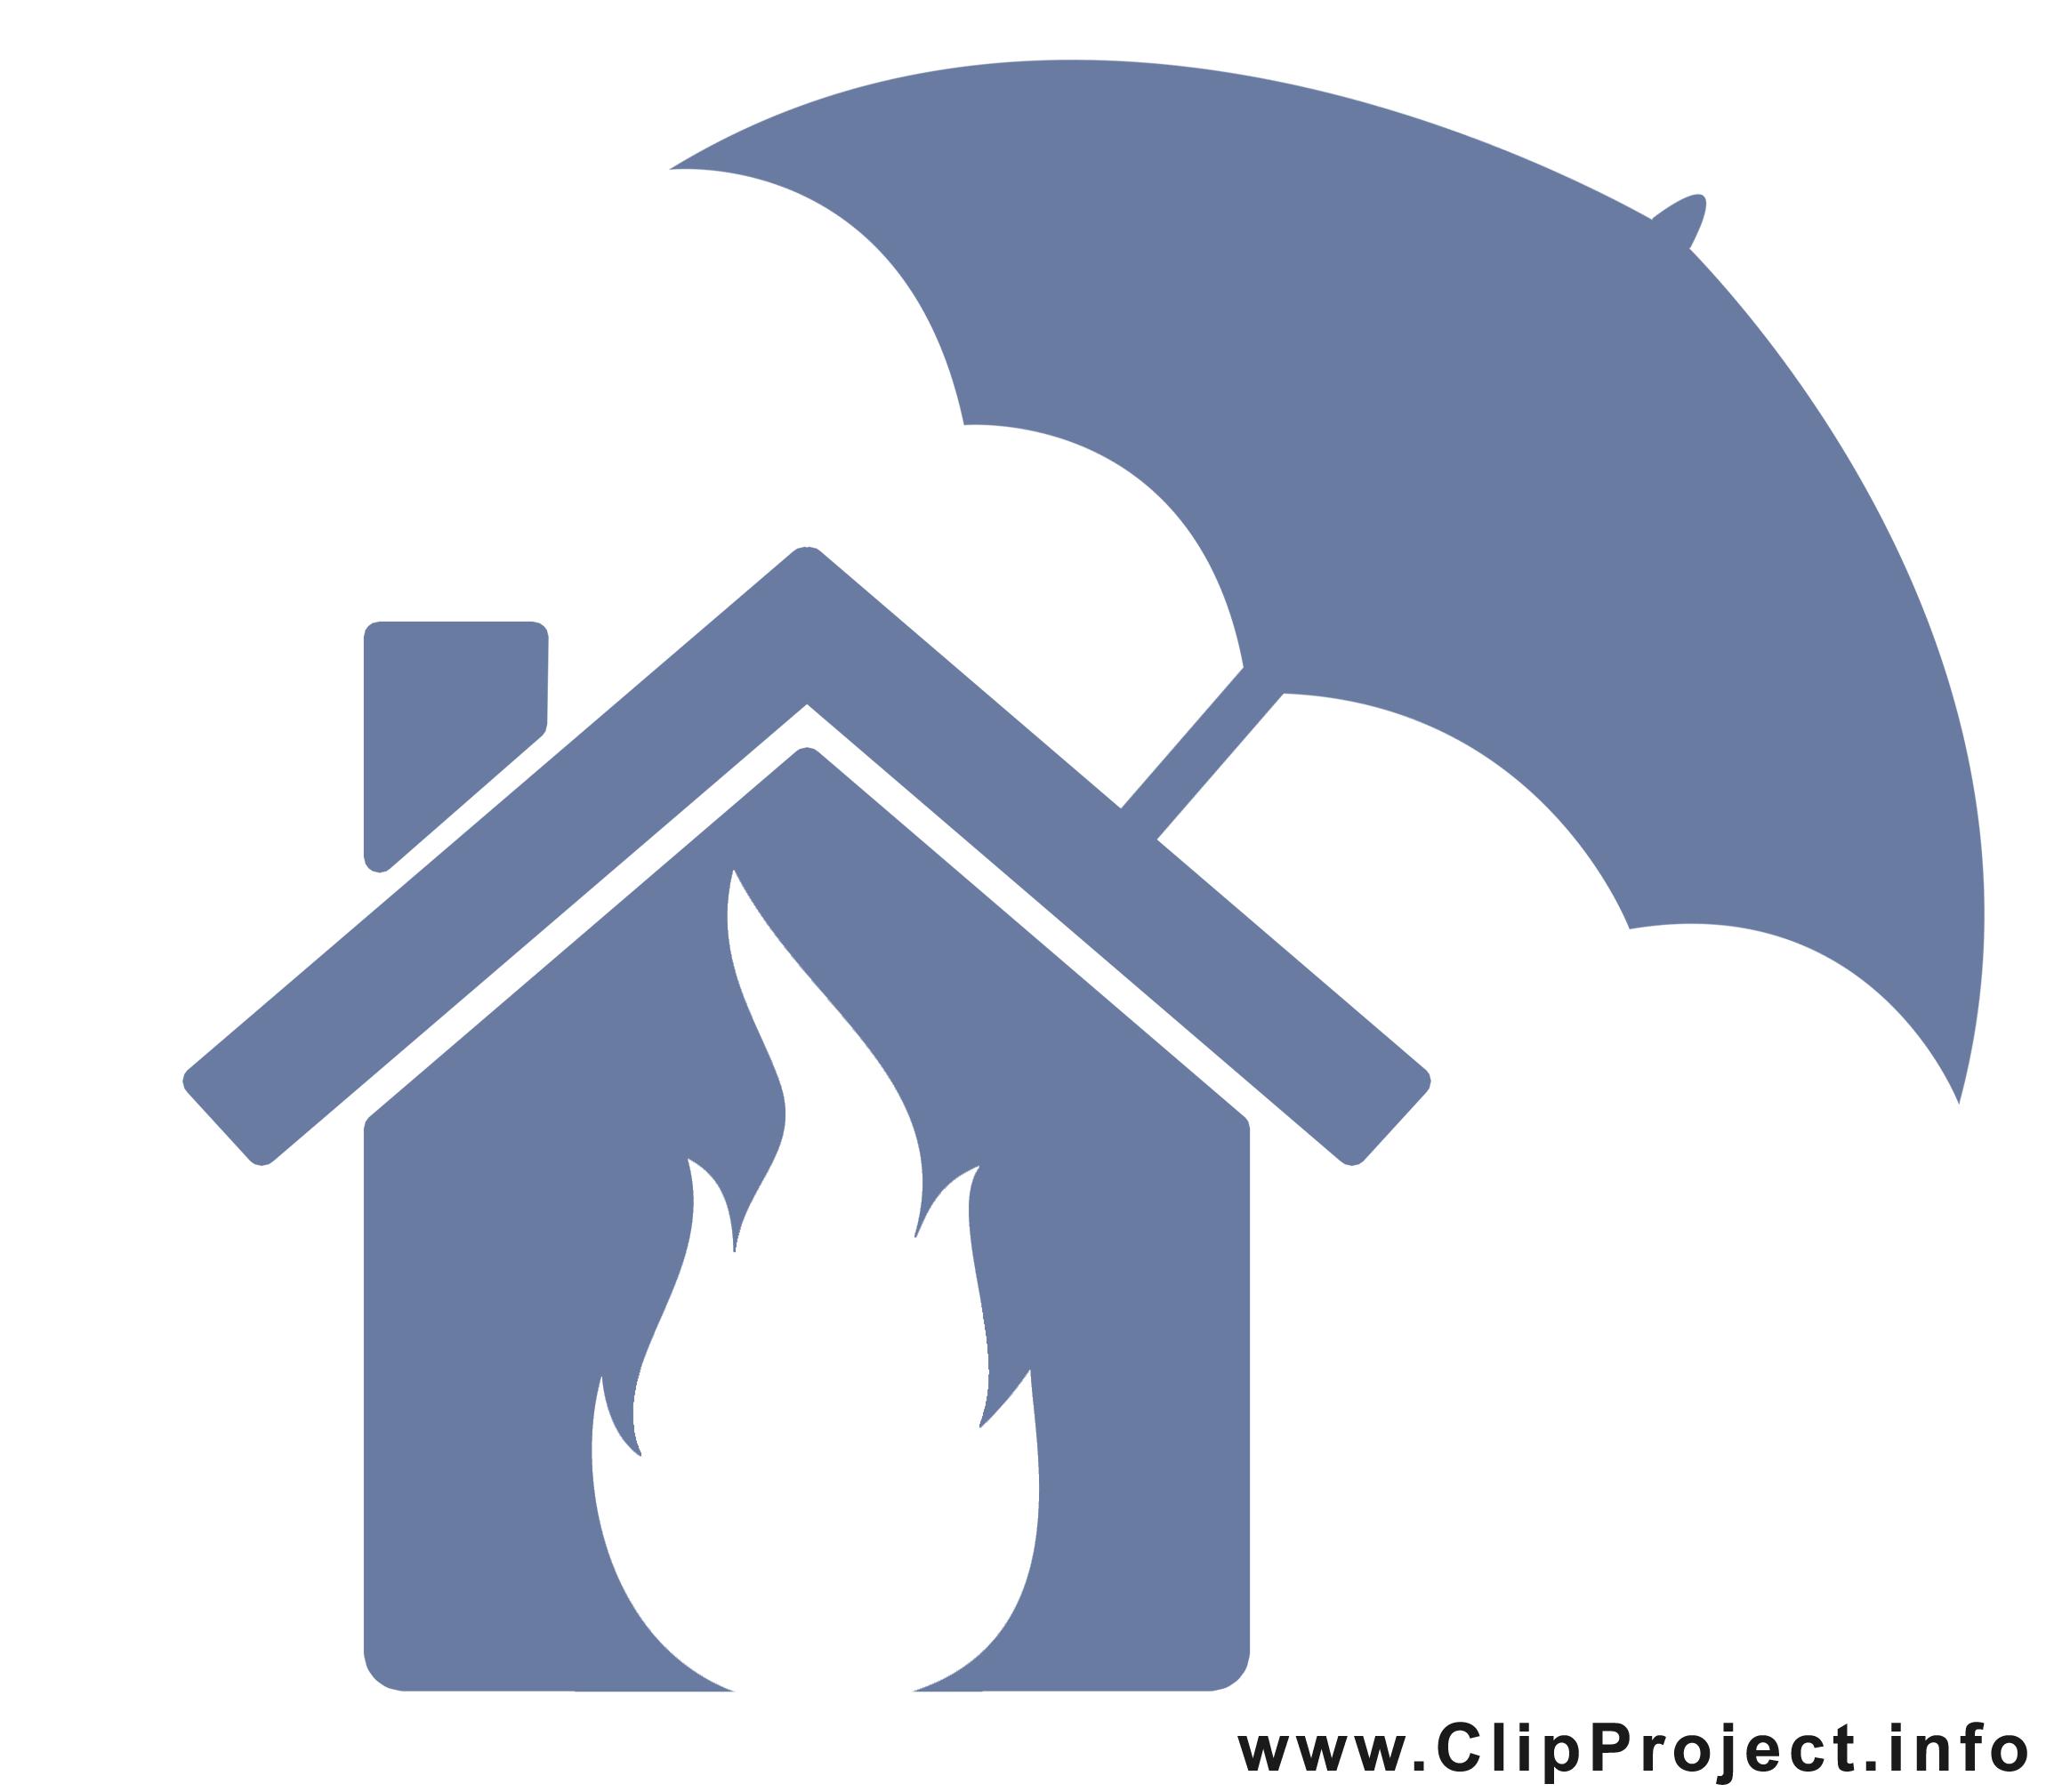 Incendie images gratuites – Finances clipart